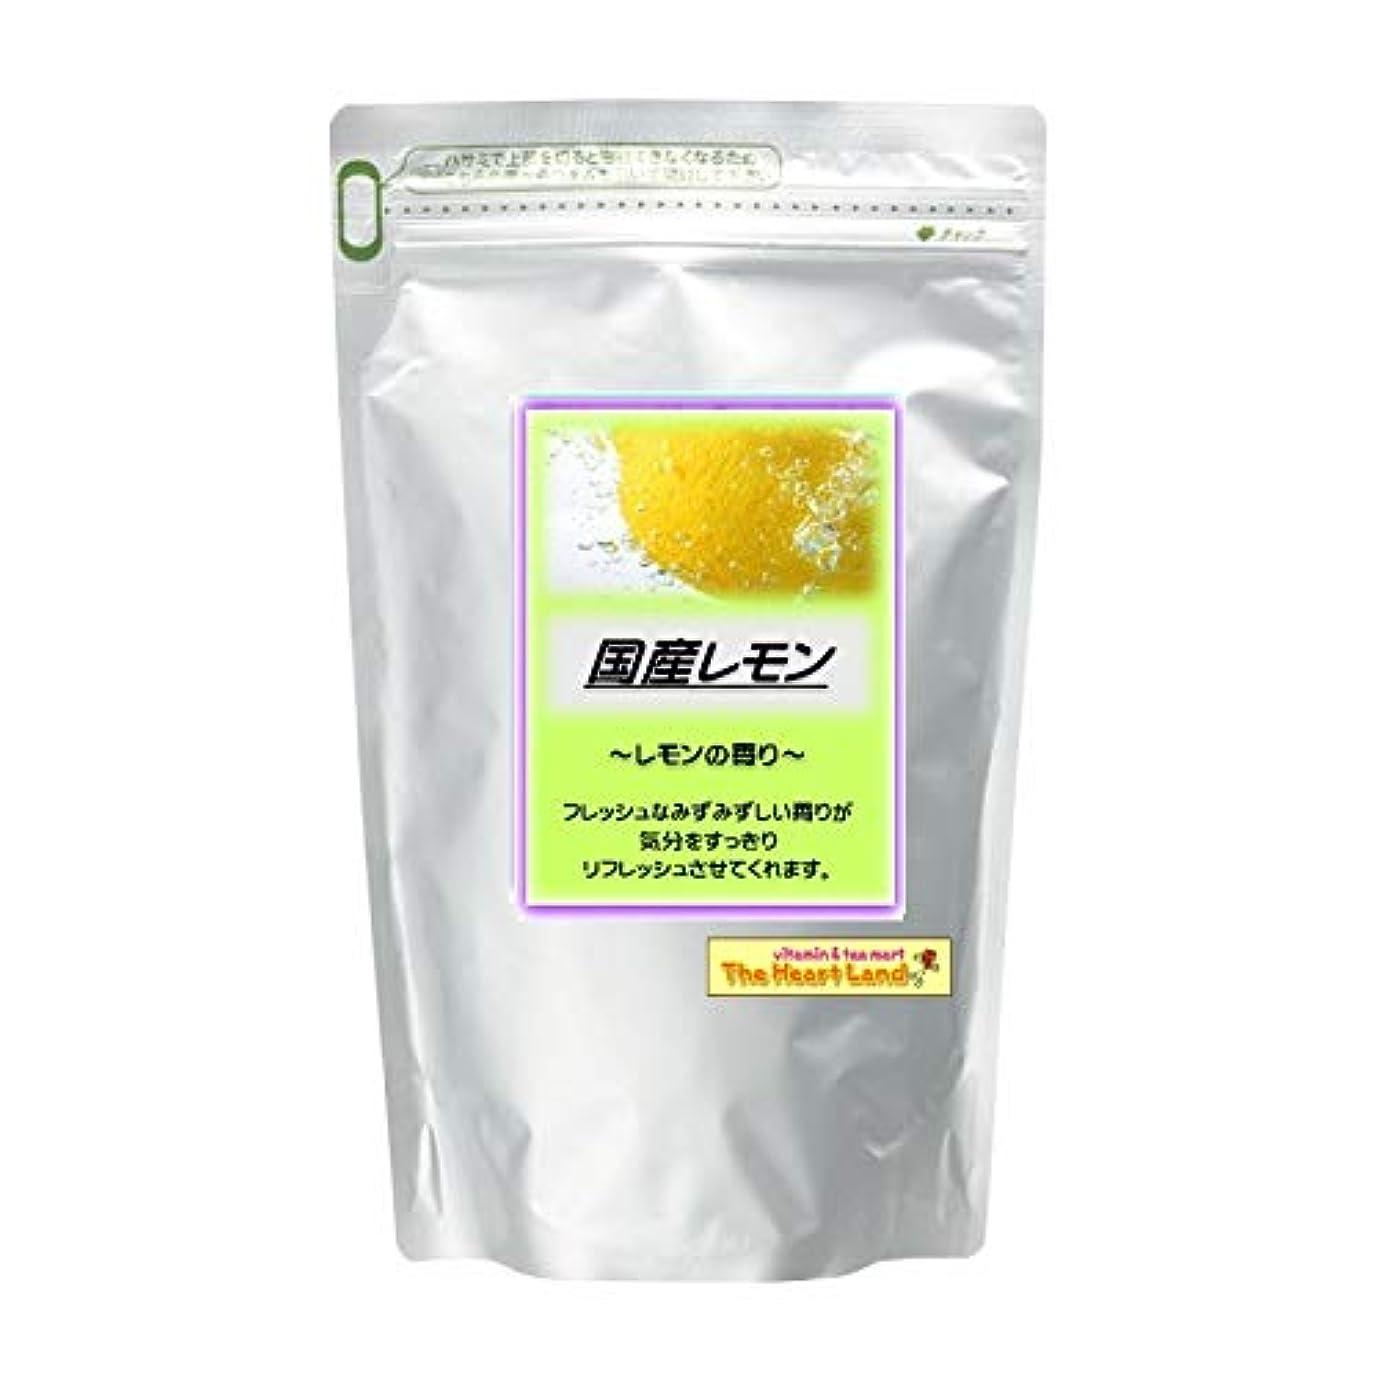 プレビスサイト合計評議会アサヒ入浴剤 浴用入浴化粧品 国産レモン 300g